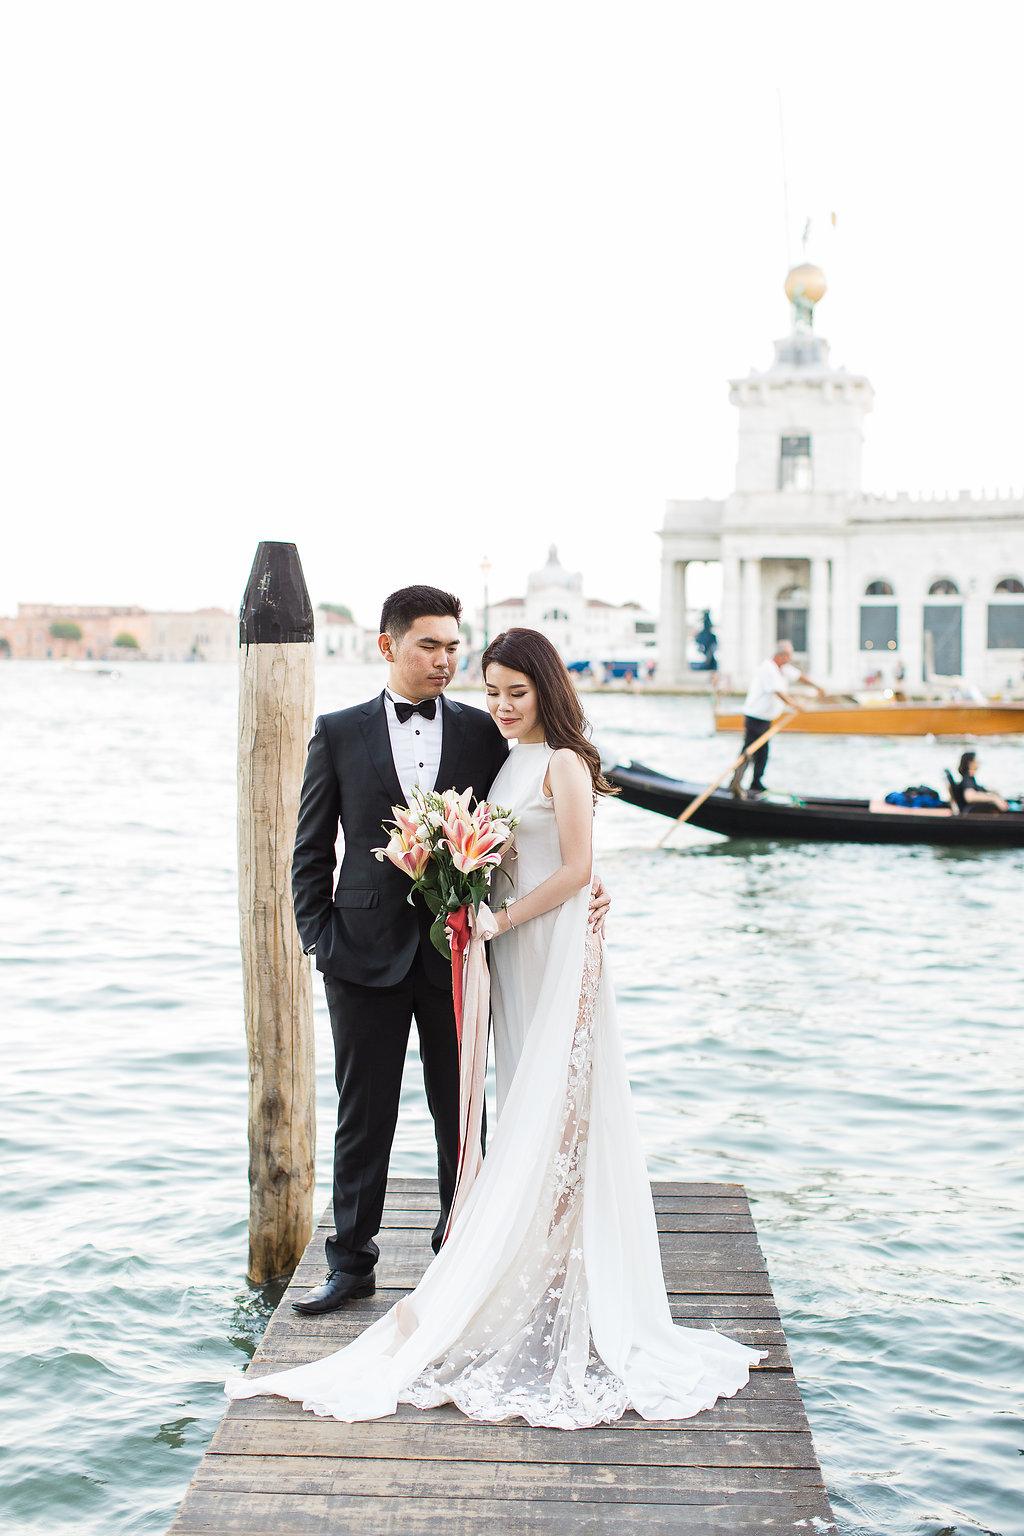 Destination pre-wedding session in Venice Italy   Tanja Kibogo photography20.JPG